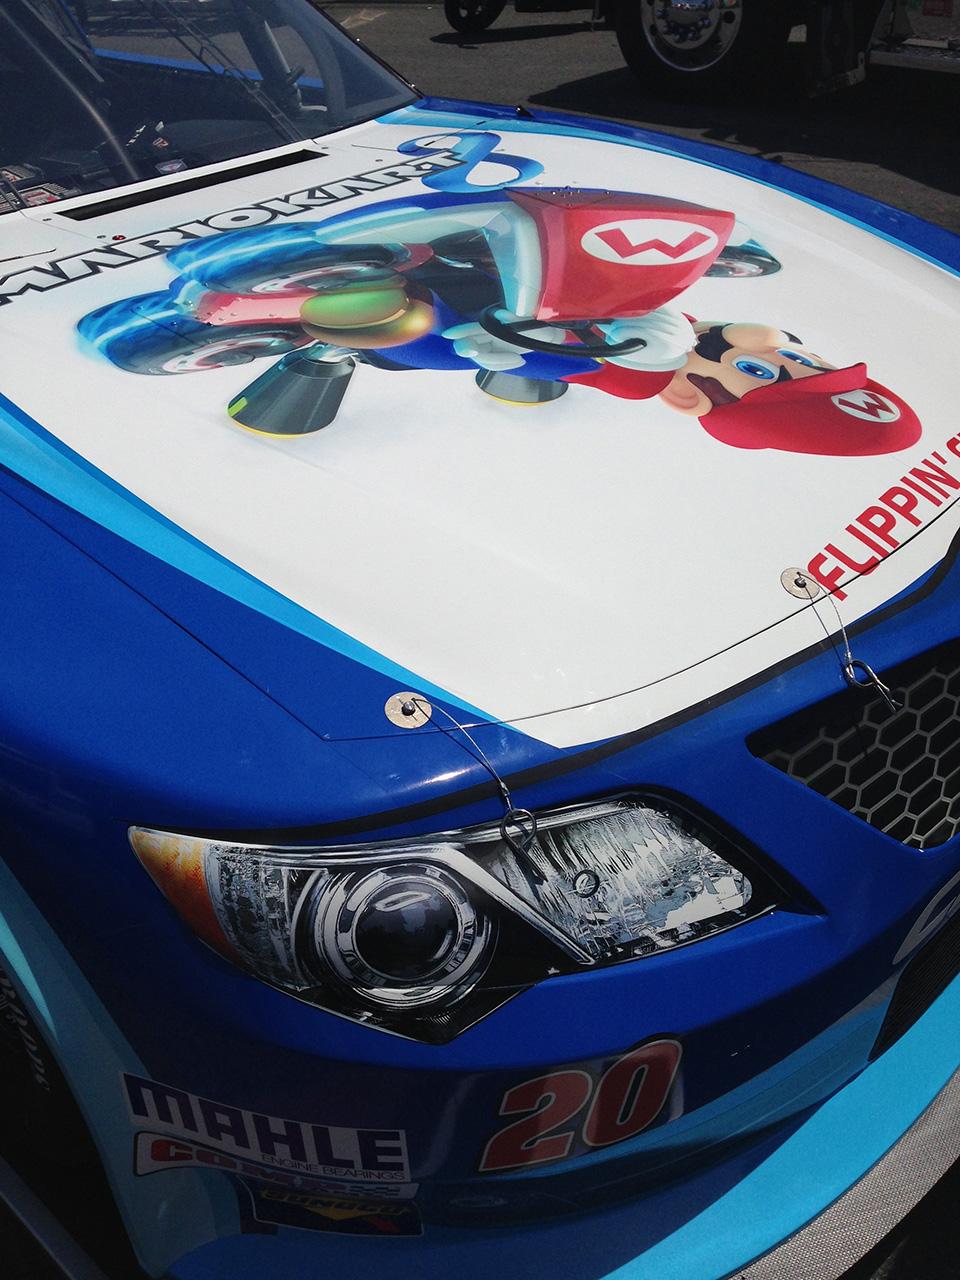 Mario-kart-8-nascar_960